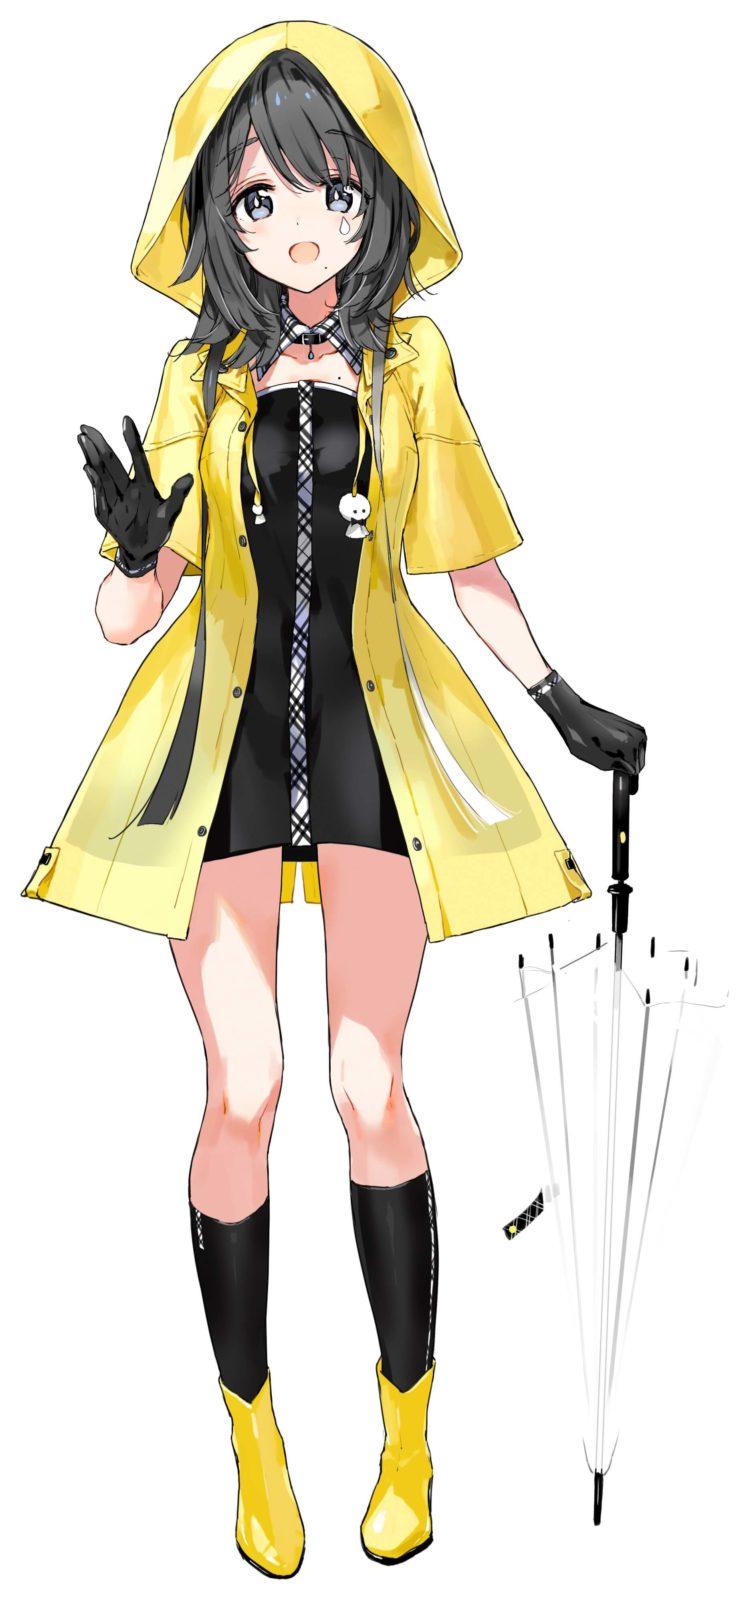 雨ヶ崎笑虹、シングル「Rain*2Bow」を発売「明日への応援歌です!」サムネイル画像